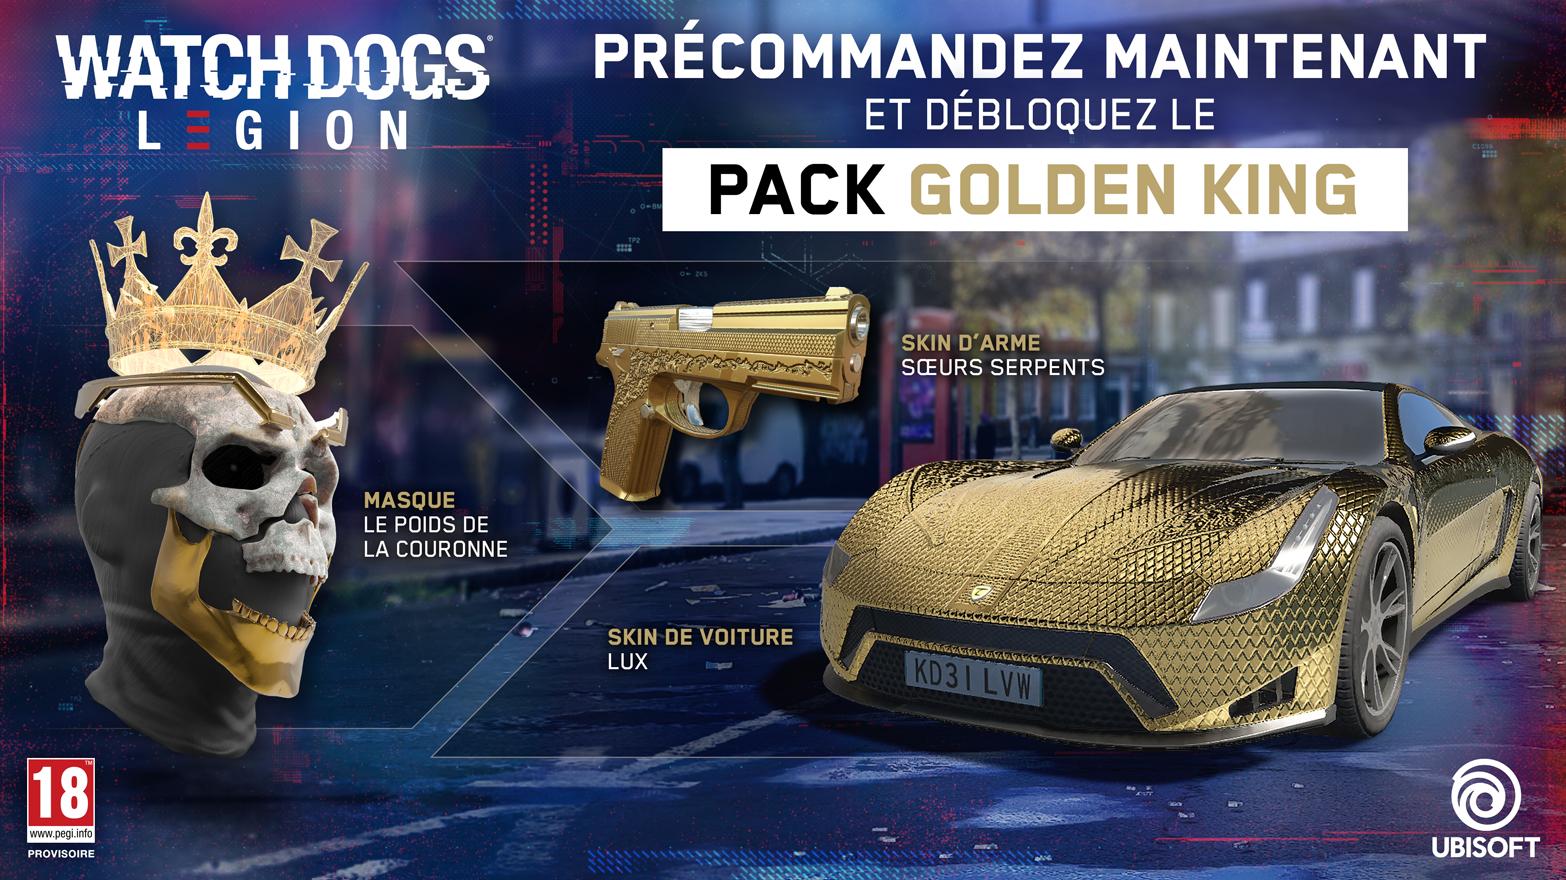 Pack ULC - Masque Le Poids de la Couronne, Skin d'arme Scerus Serpents, Skin de voiture Lux